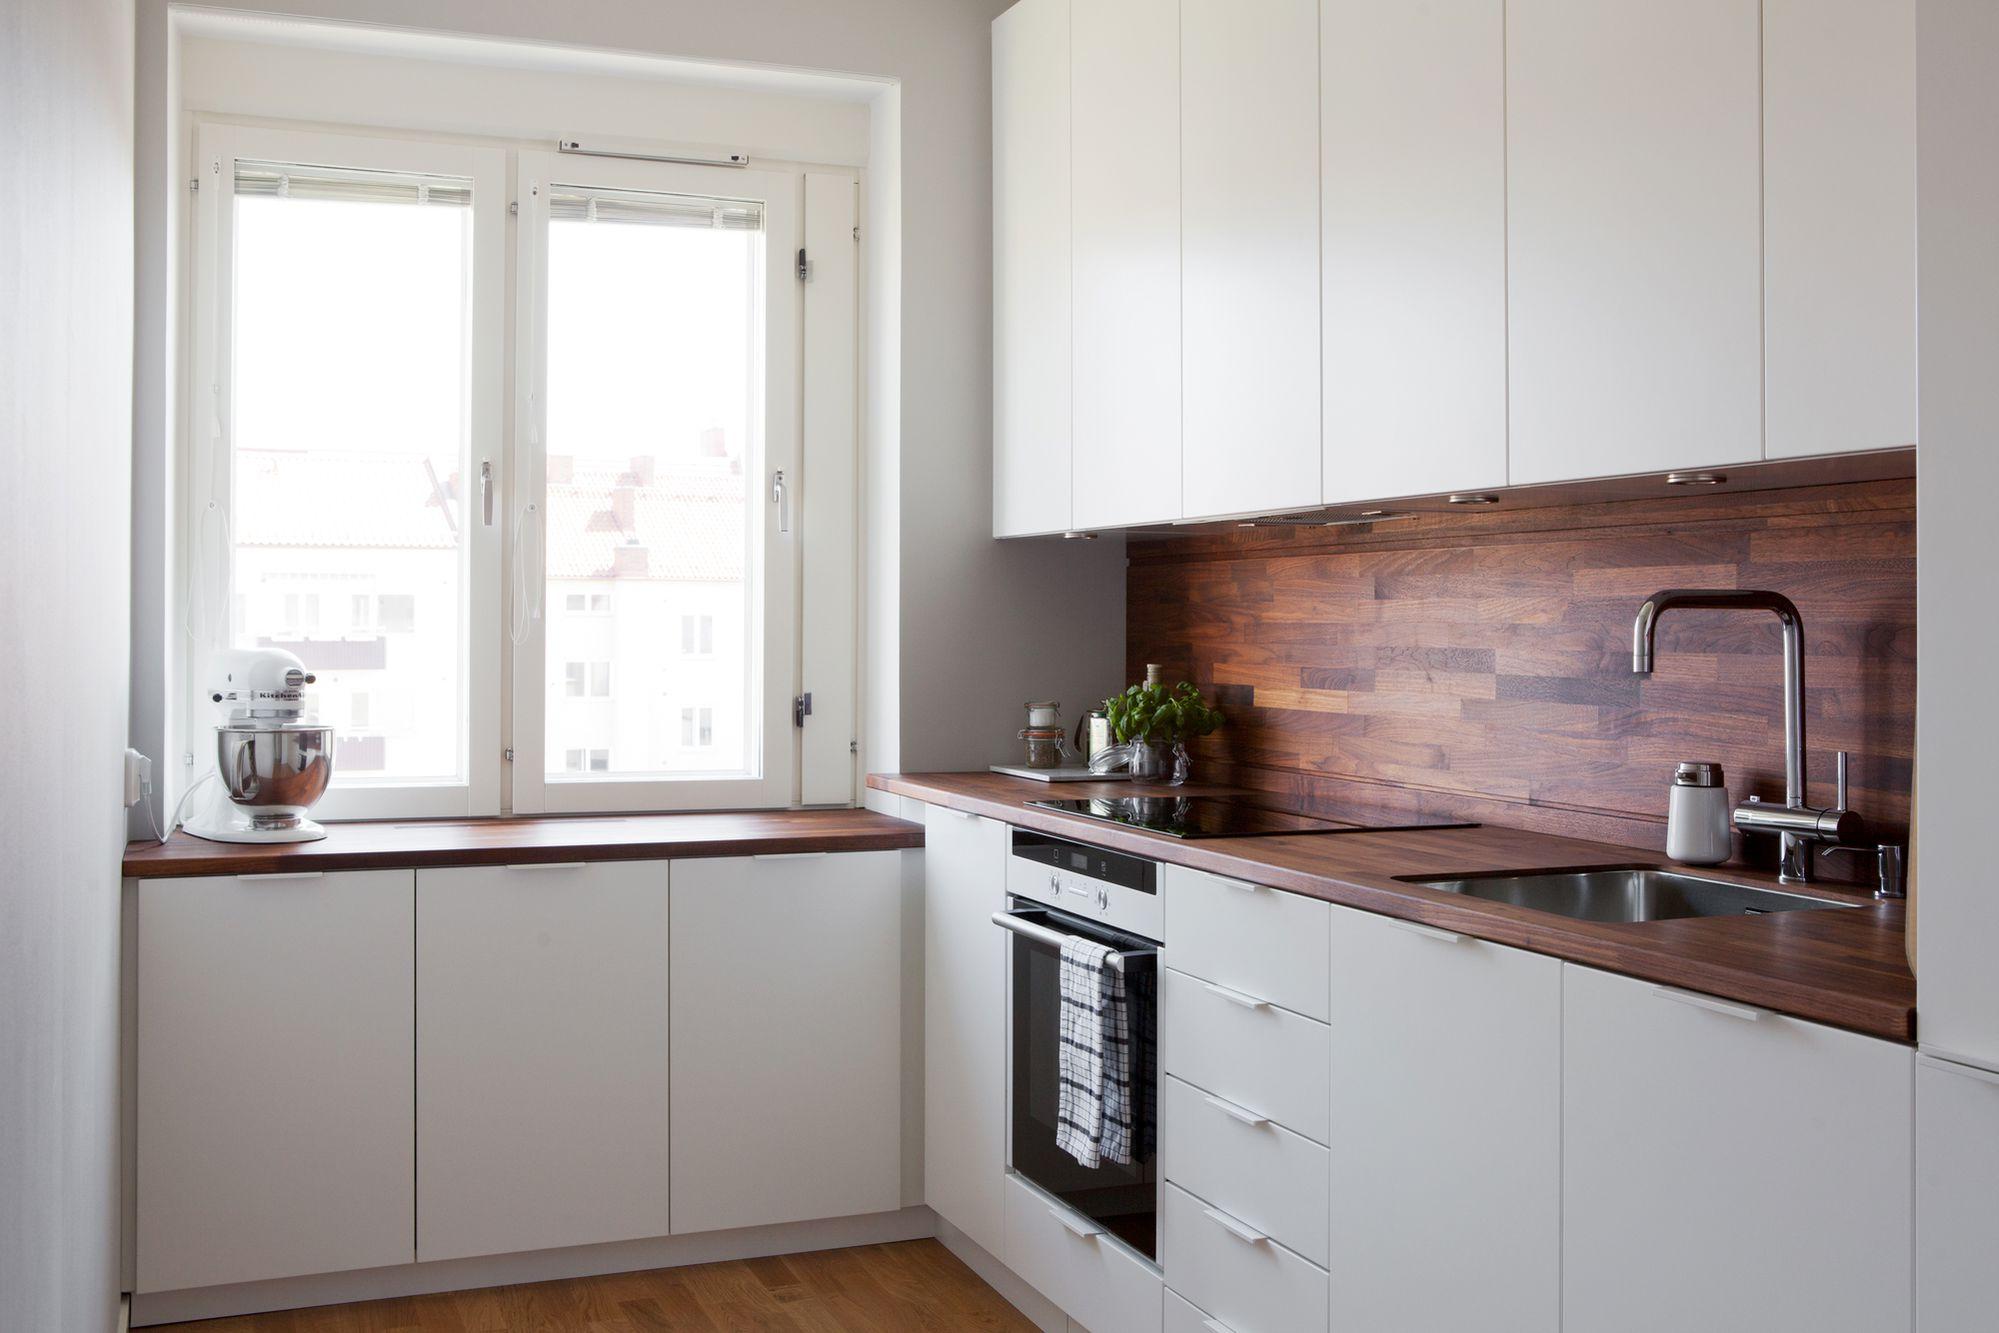 Cocina blanca con revestimiento de madera oscura blog for Mesas de cocina blancas y madera